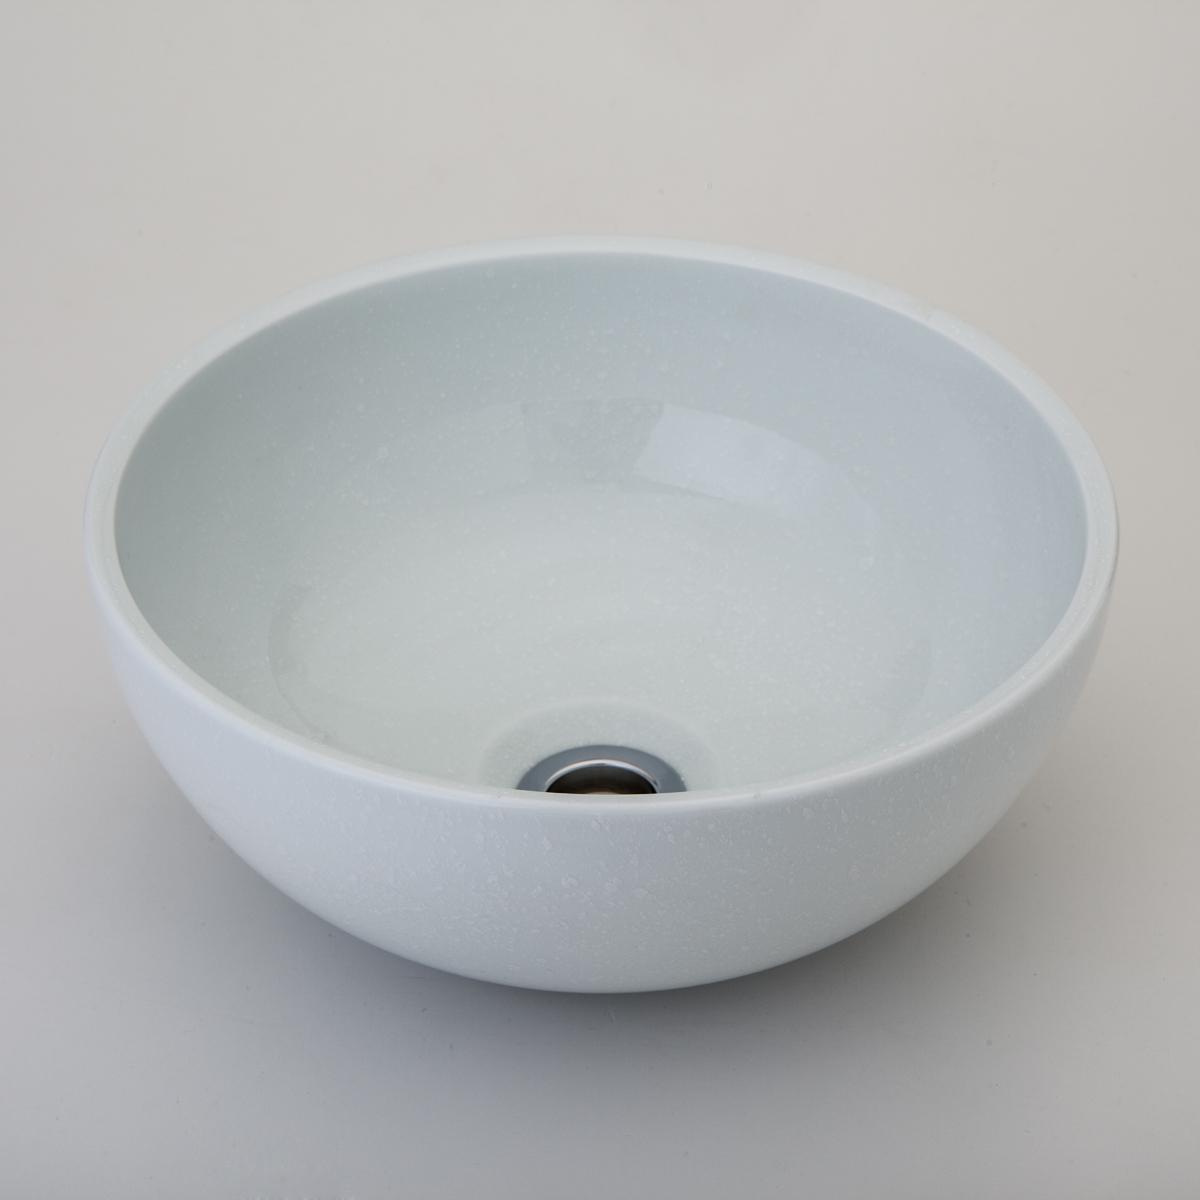 『カード対応OK!』###リラインス 置き型手洗器【LSB2-SH】(白吹) (手洗器のみ) シルキーポーセリン・シリーズ φ280 受注約3週間